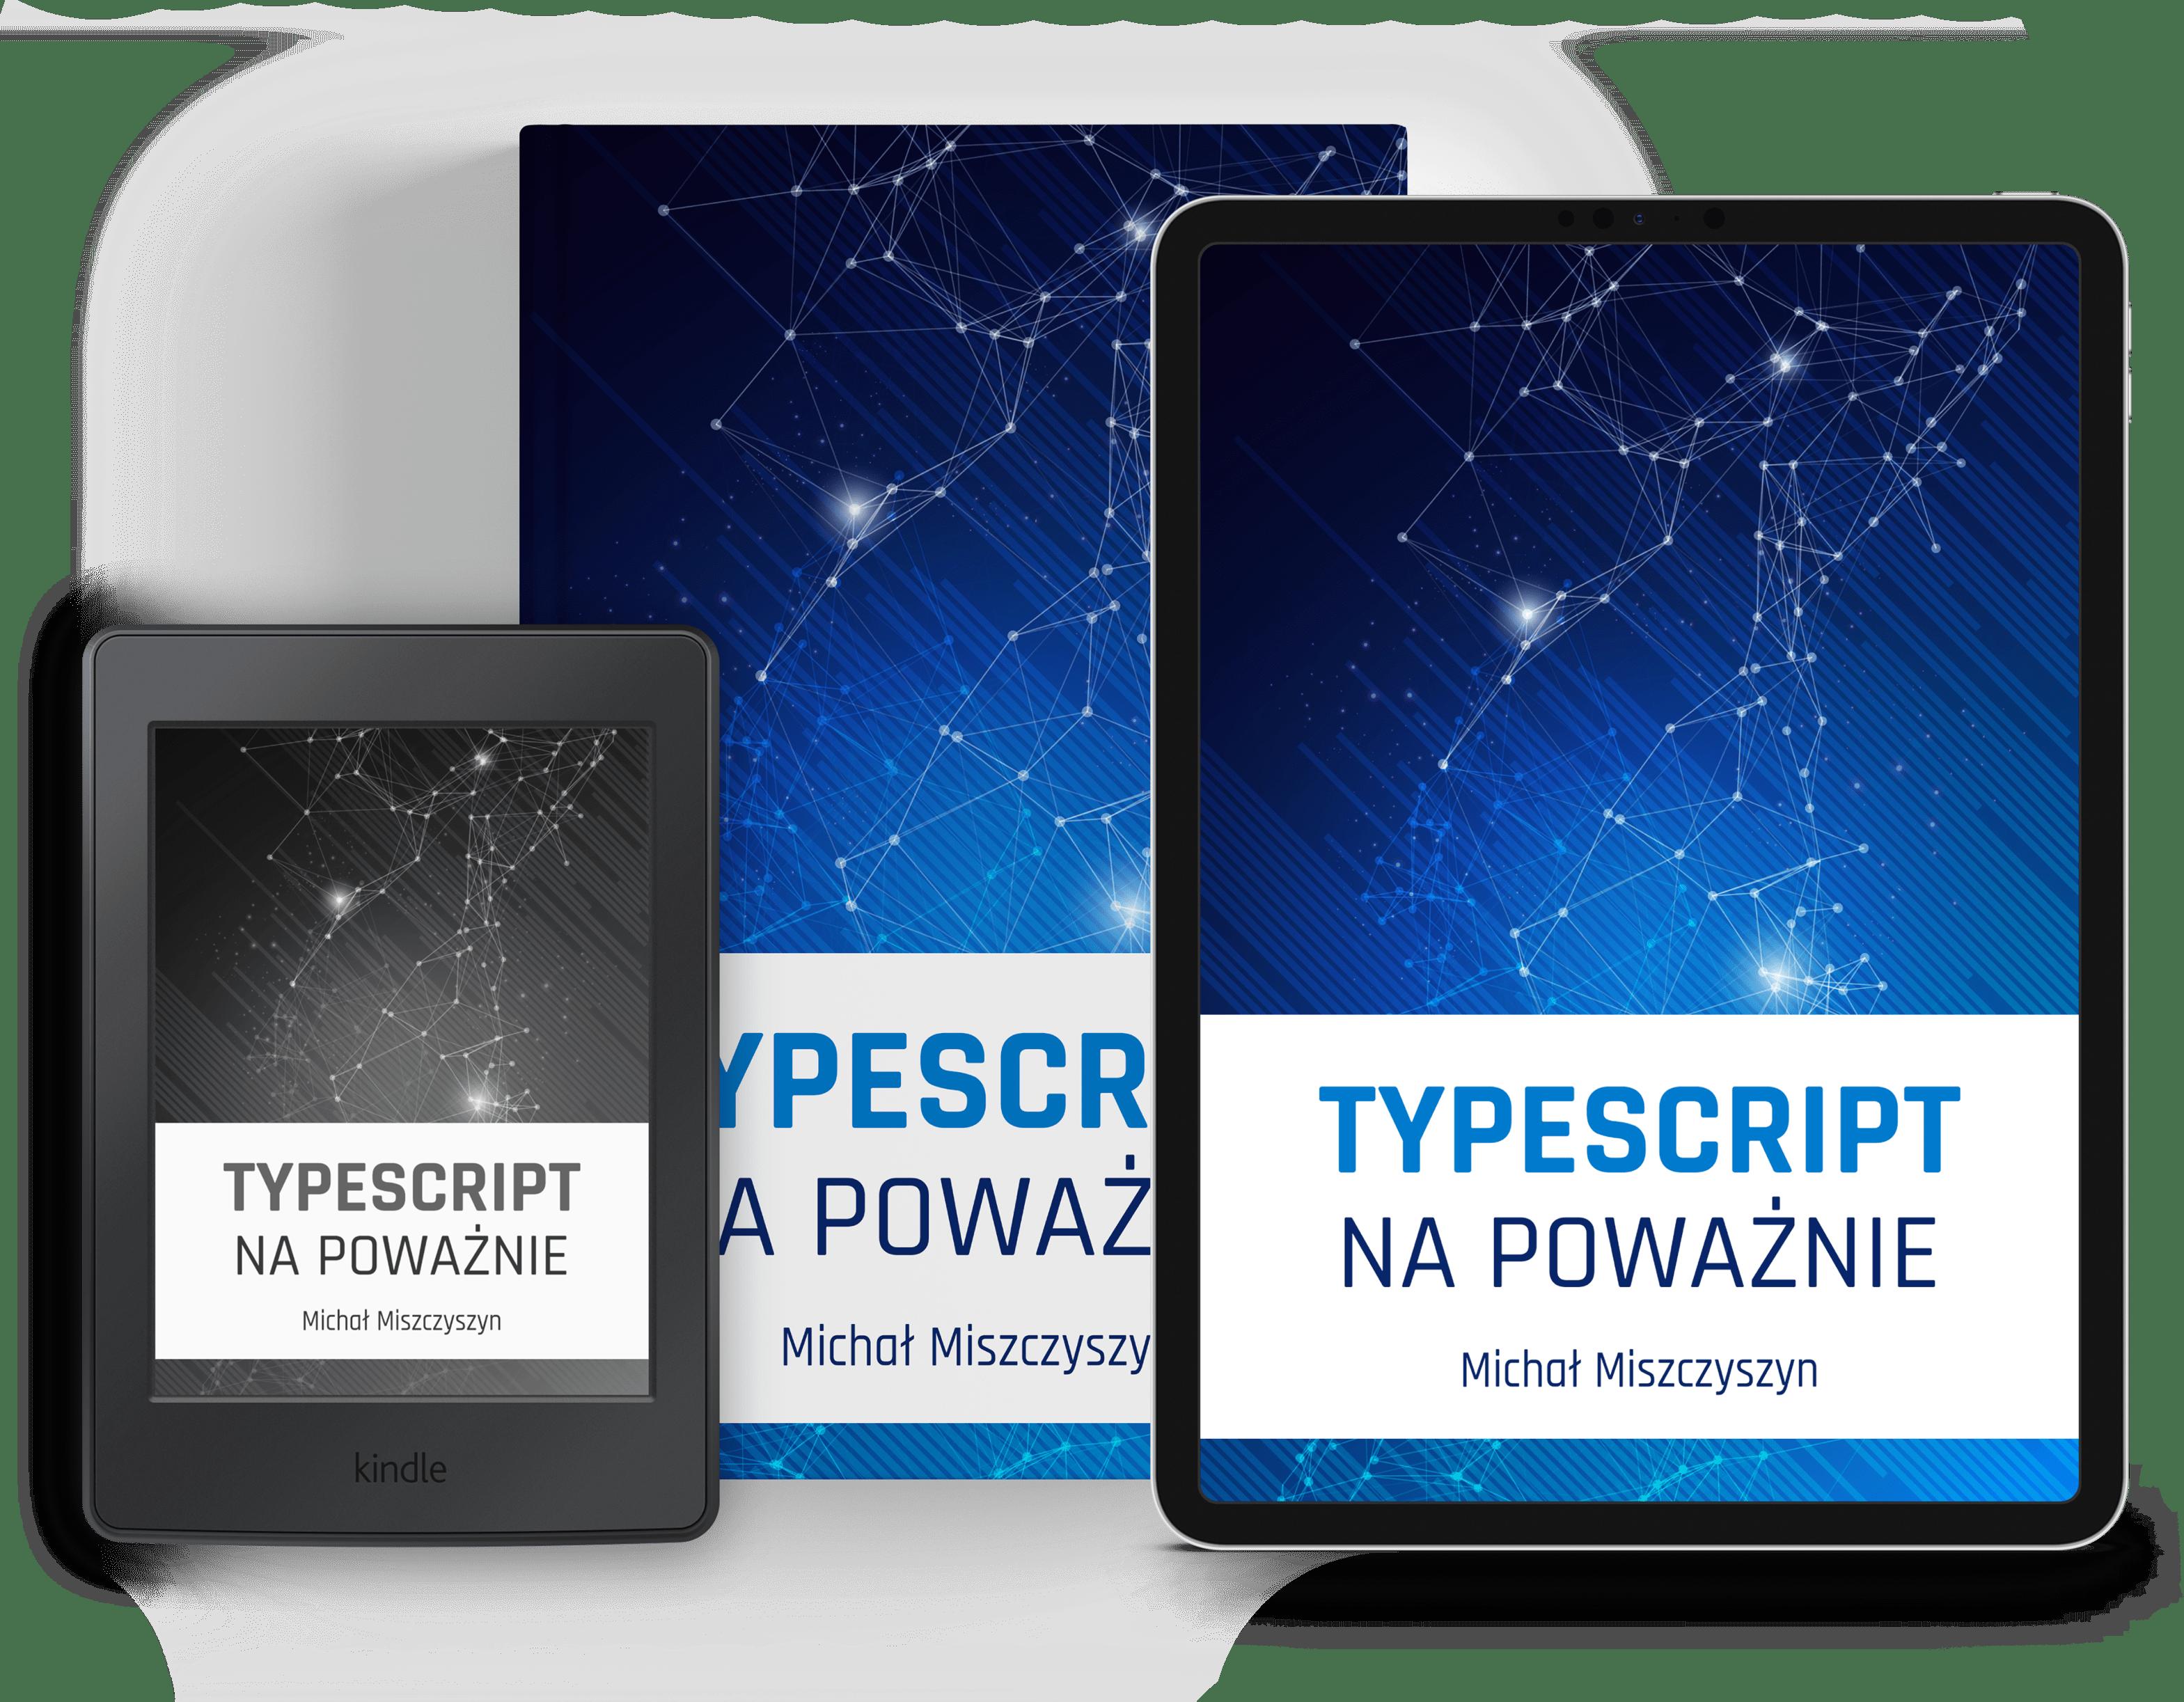 Książka ie-book TypeScript napoważnie